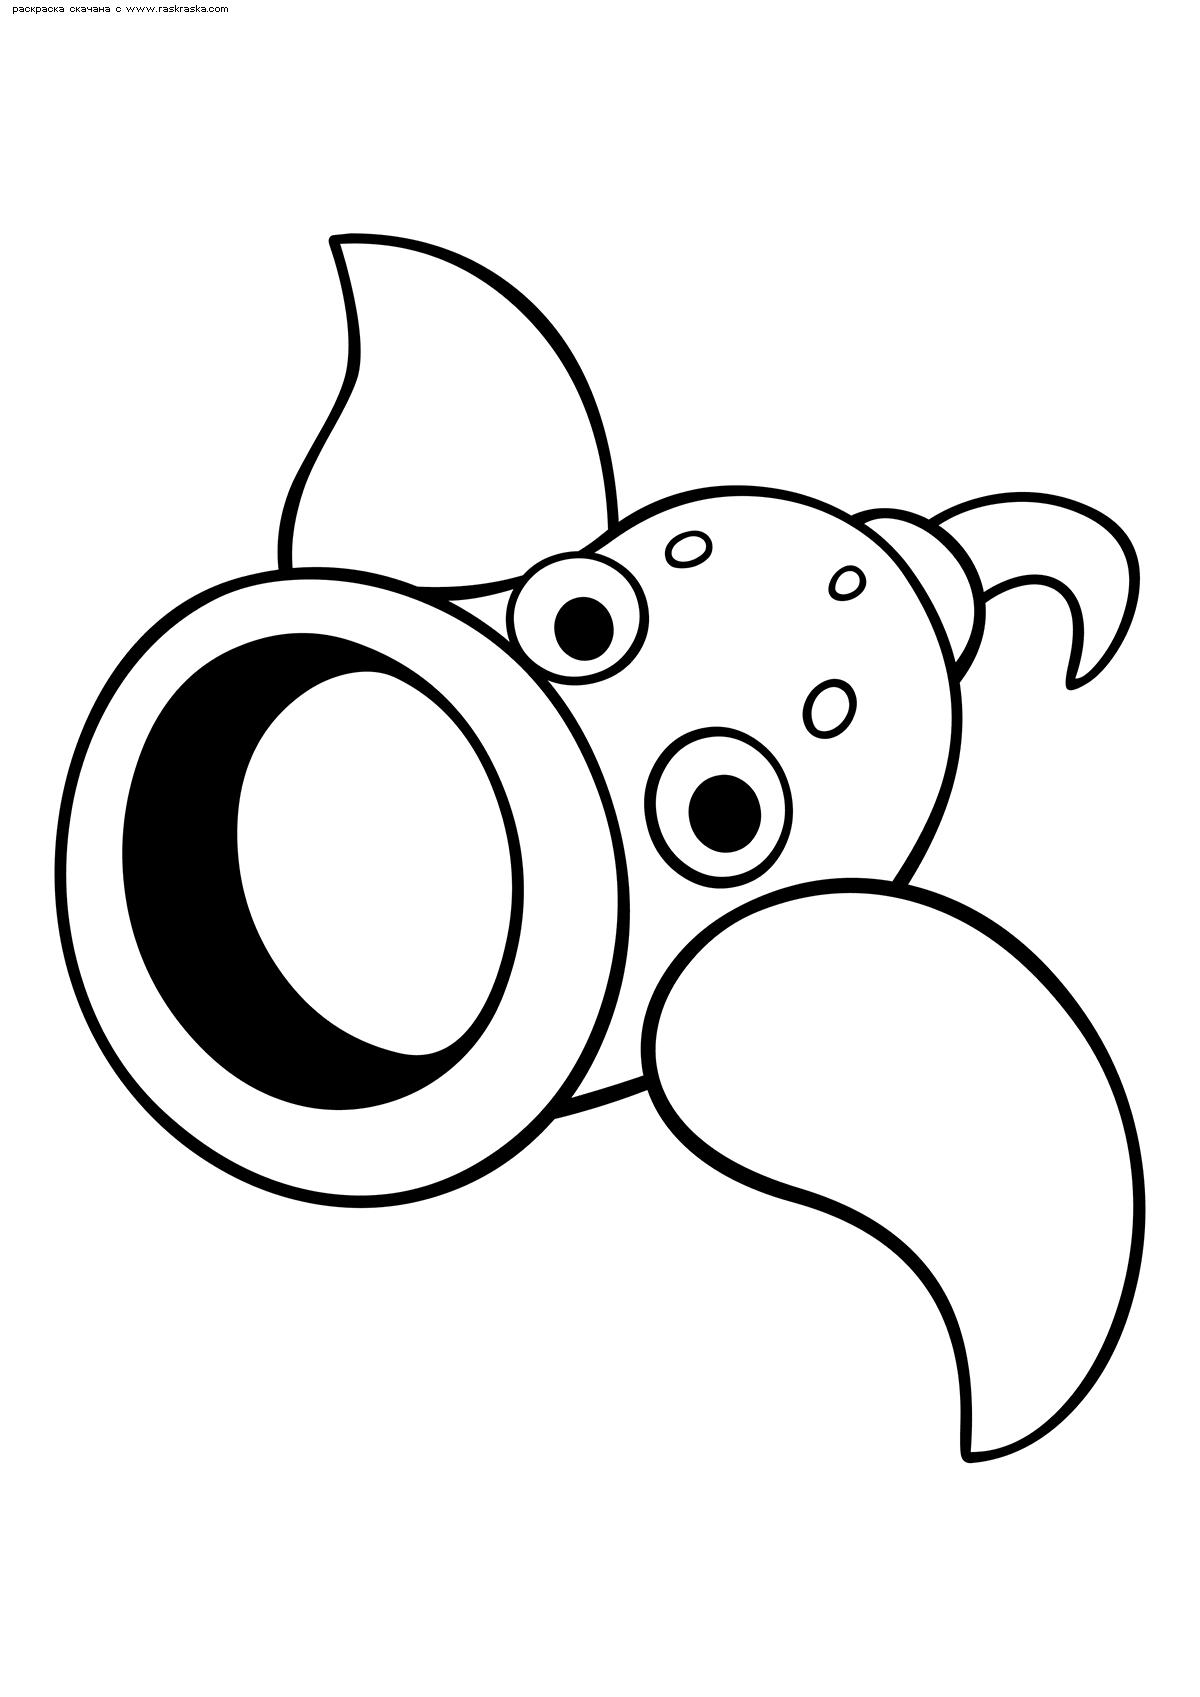 Раскраска Покемон Випинбелл (Weepinbell) | Раскраски ...